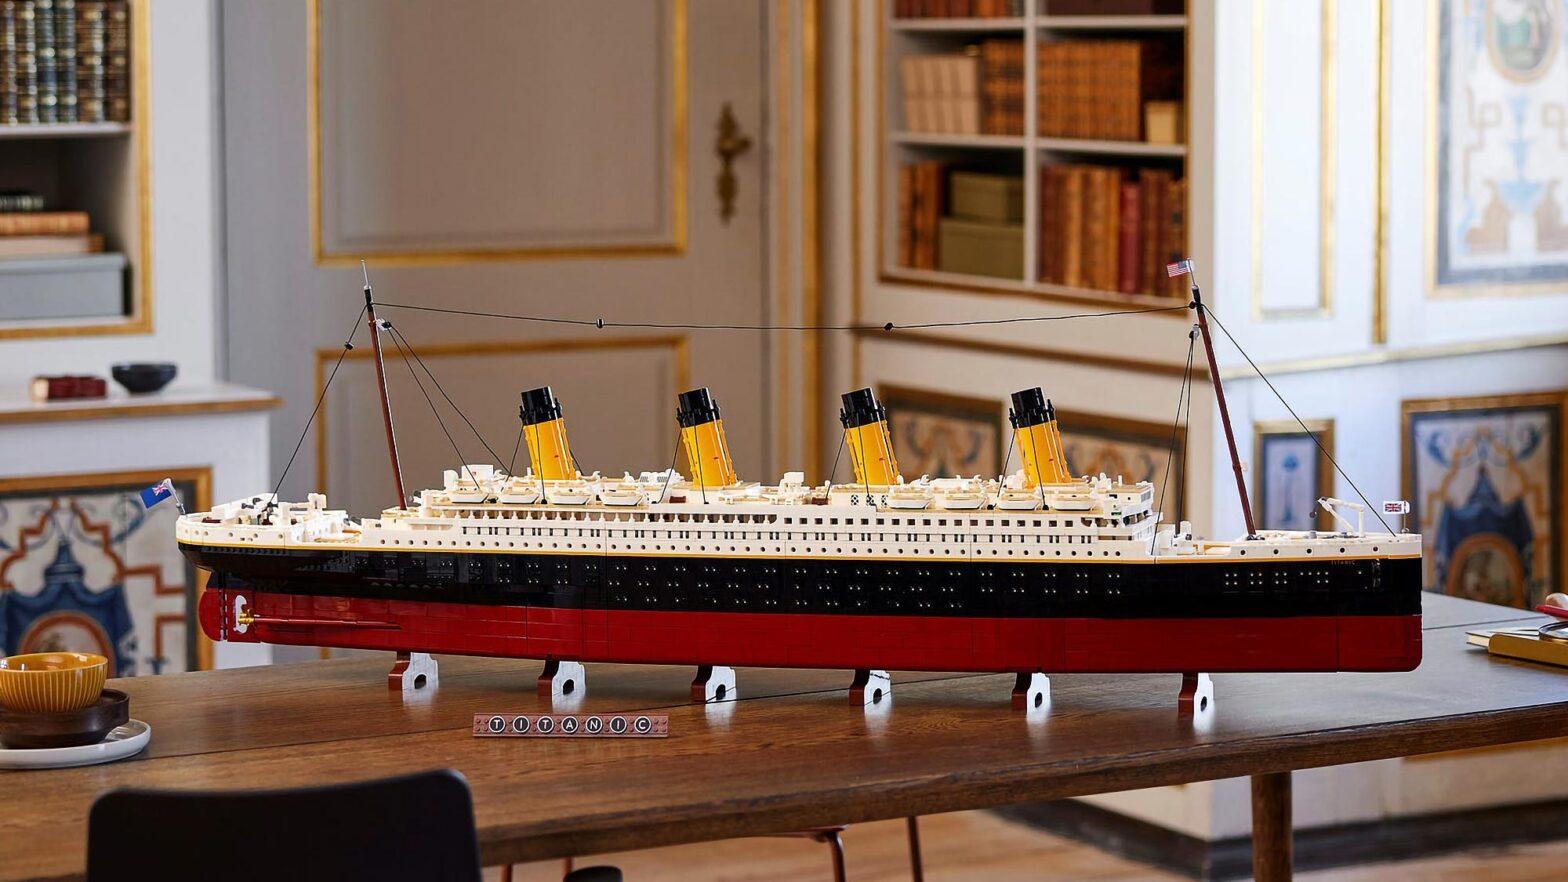 LEGO 10294 Titanic Building Set Revealed